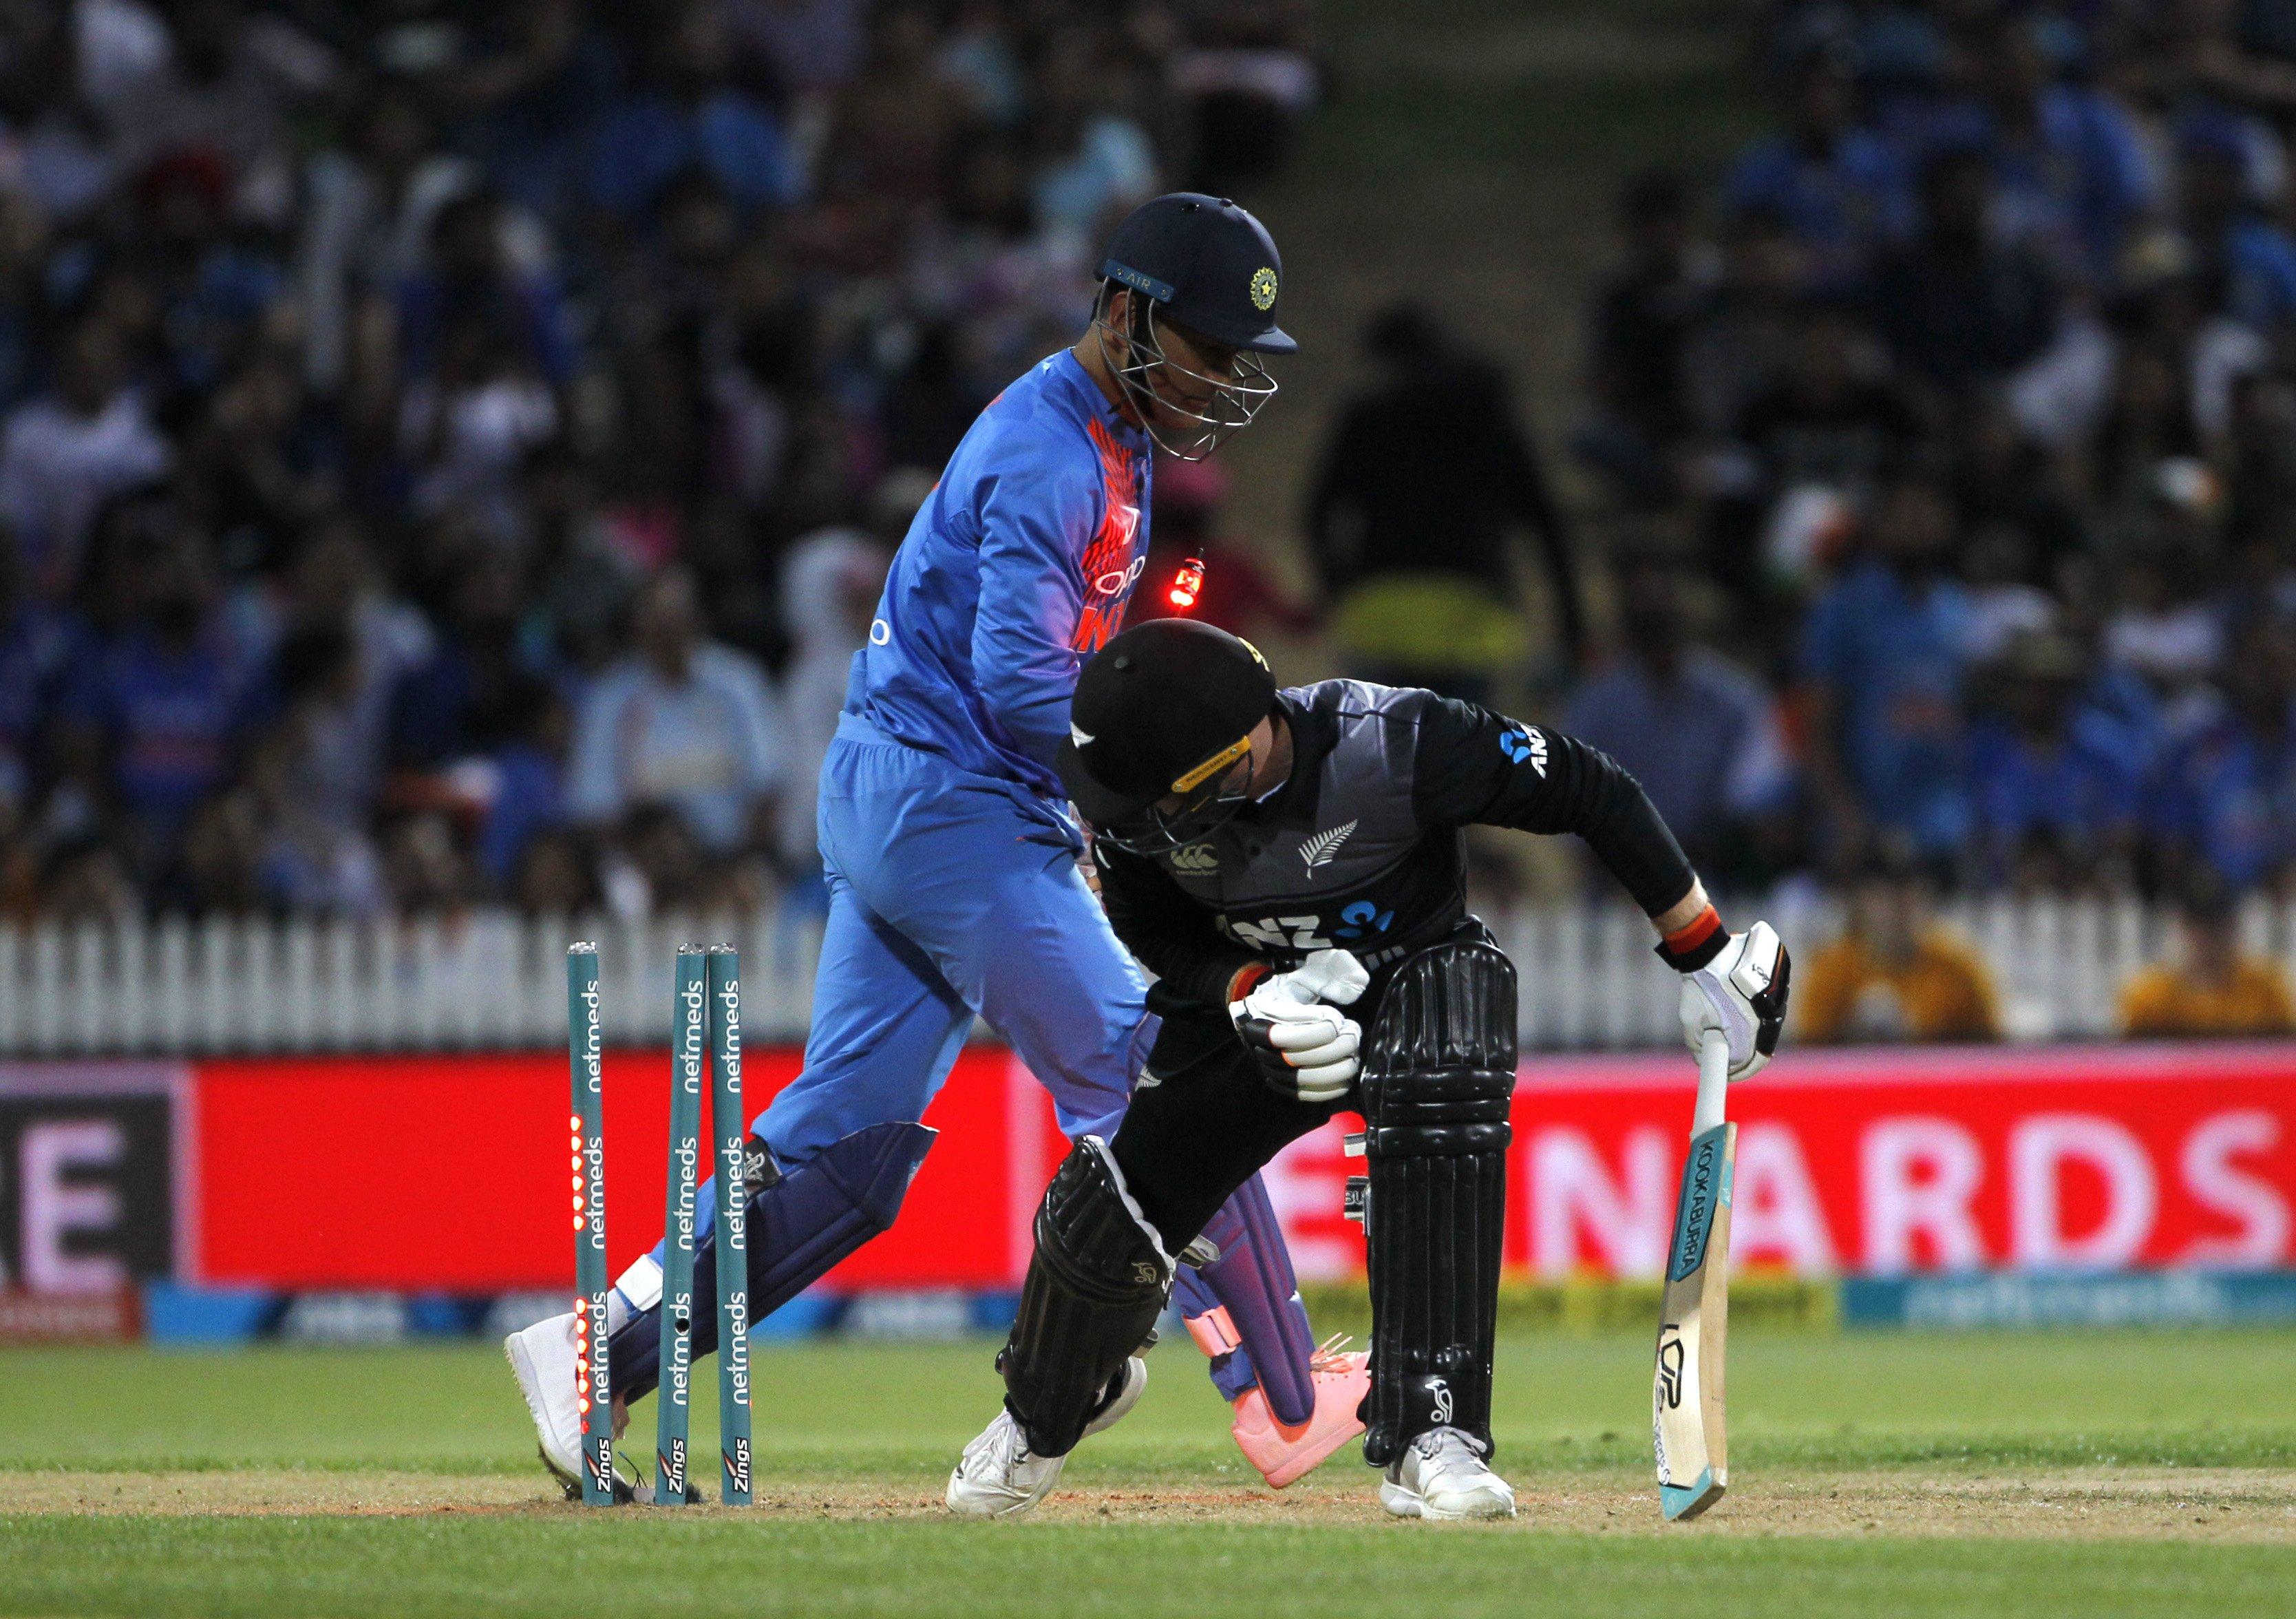 रोमांचक मुकाबले में भारत की 4 रन से हार, न्यूजीलैंड ने सीरीज पर किया कब्जा 7